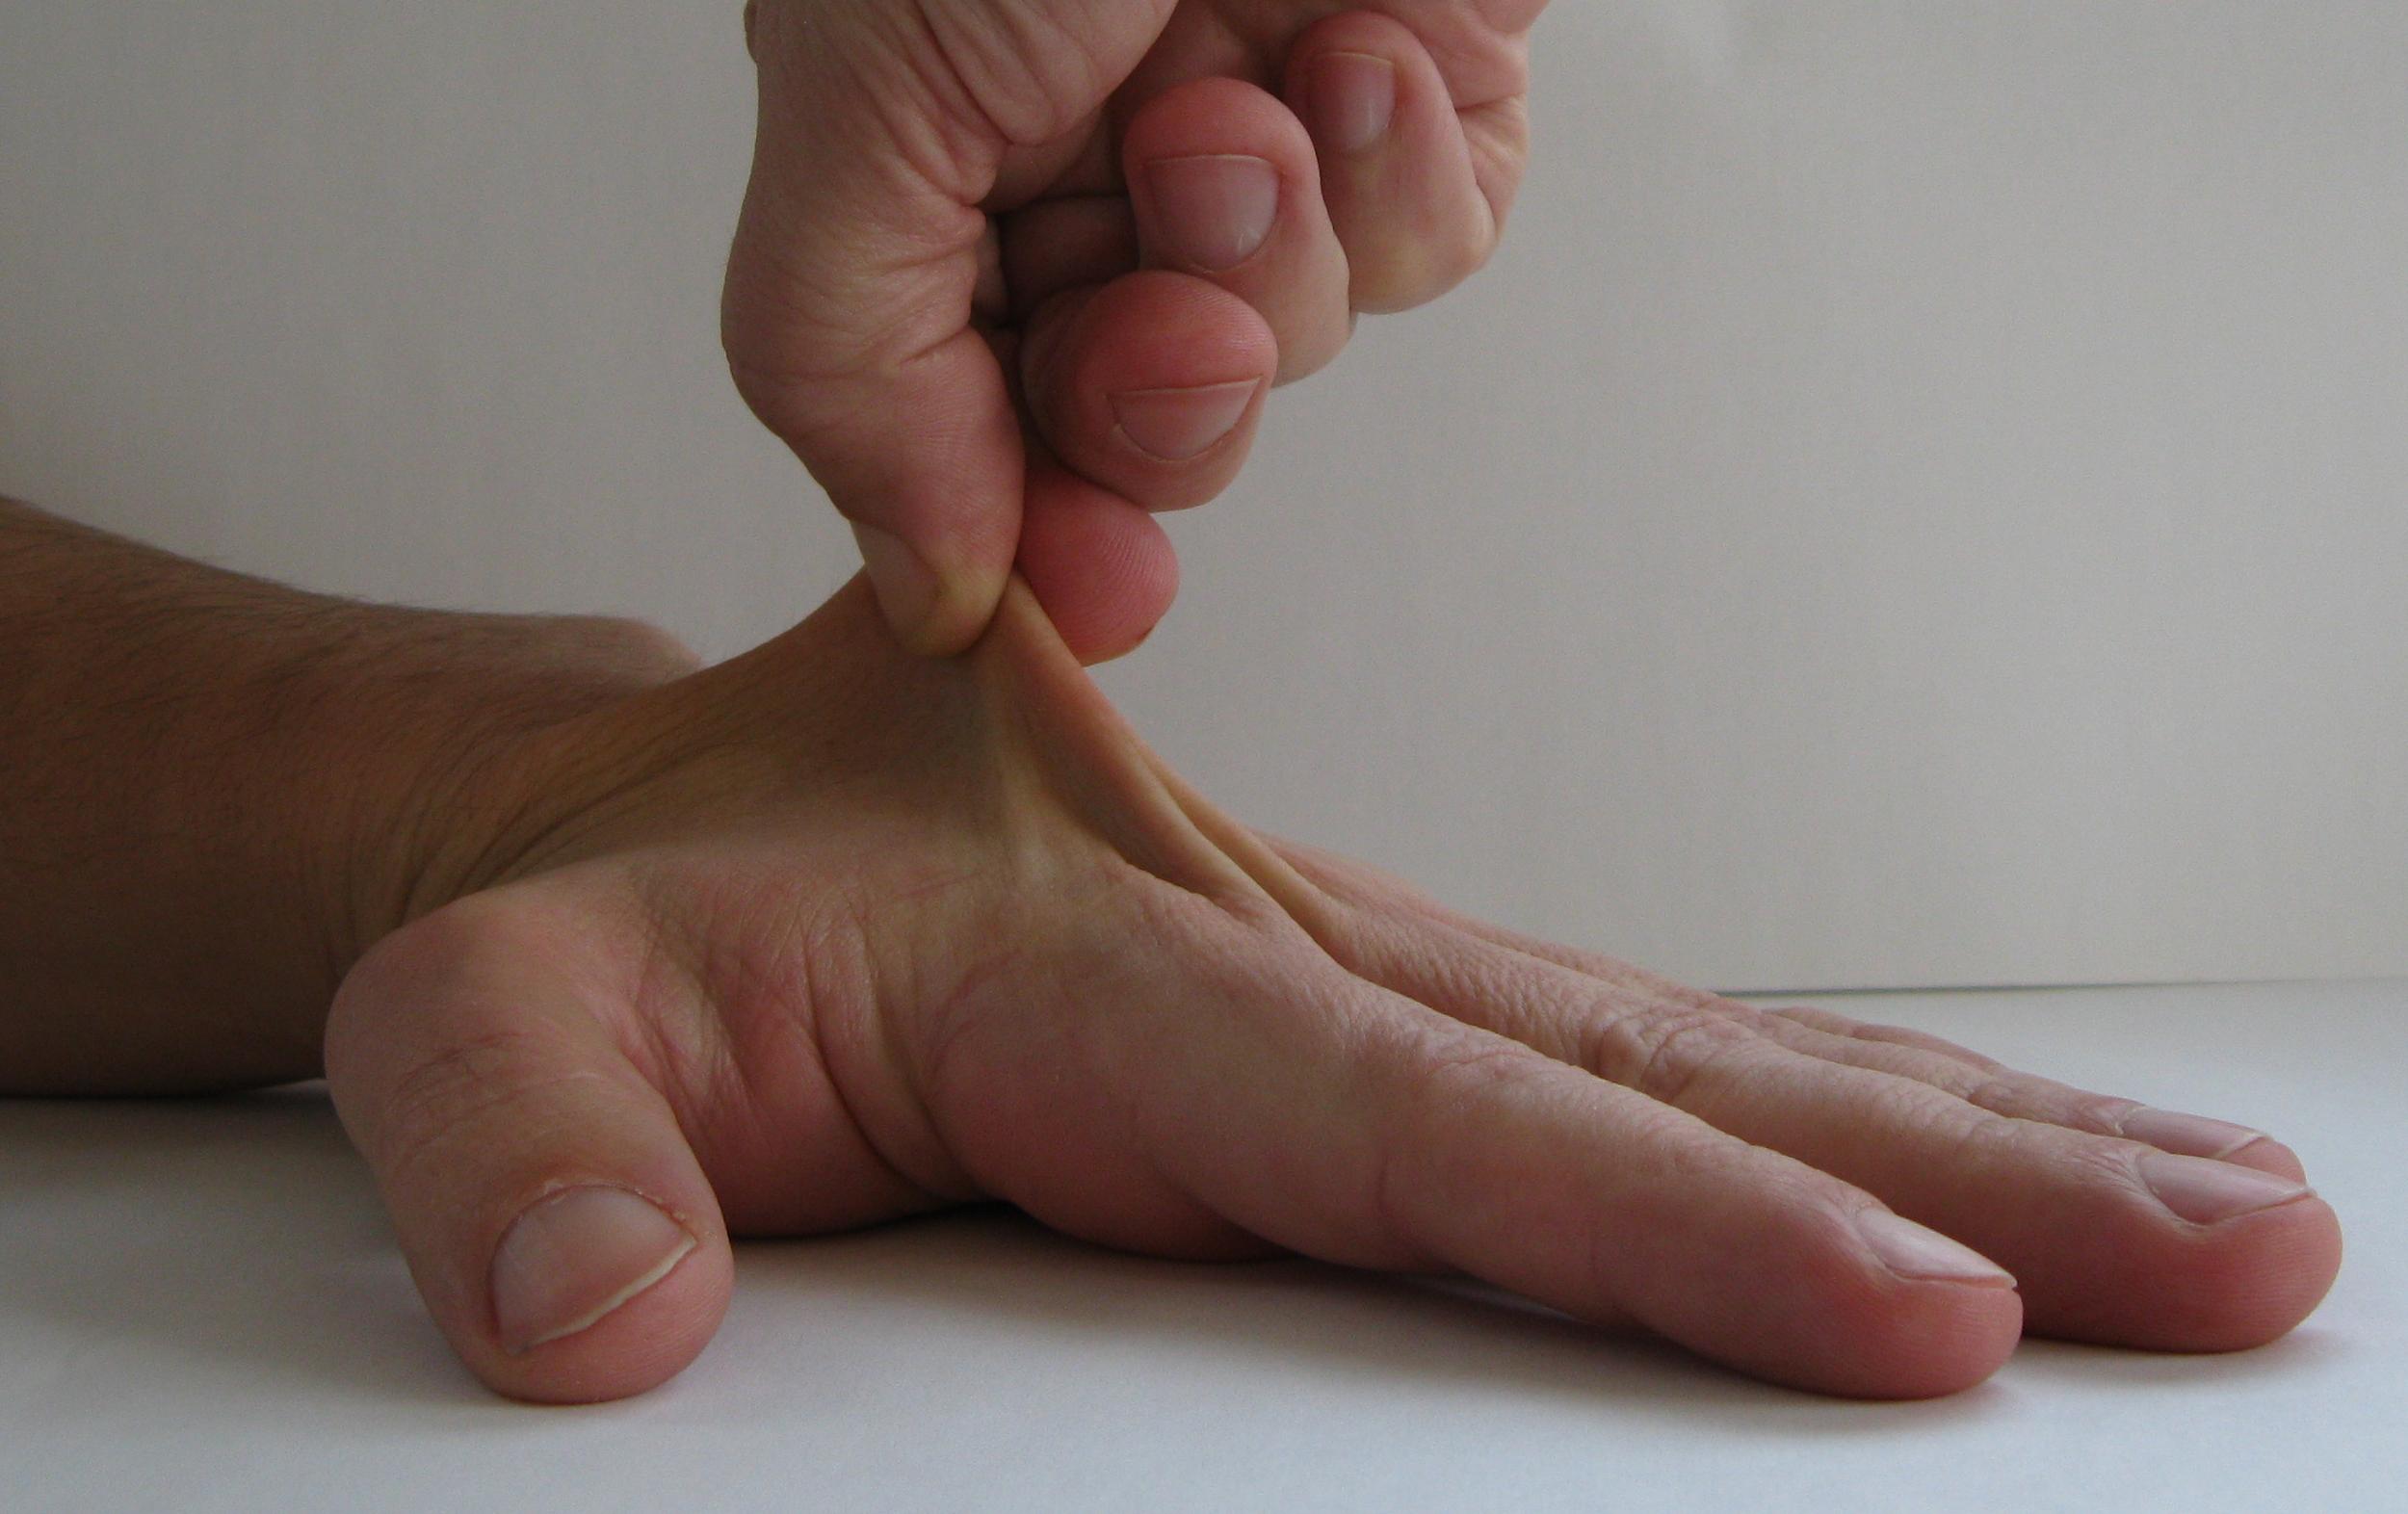 שמן קנאביס נגד מחלות עור